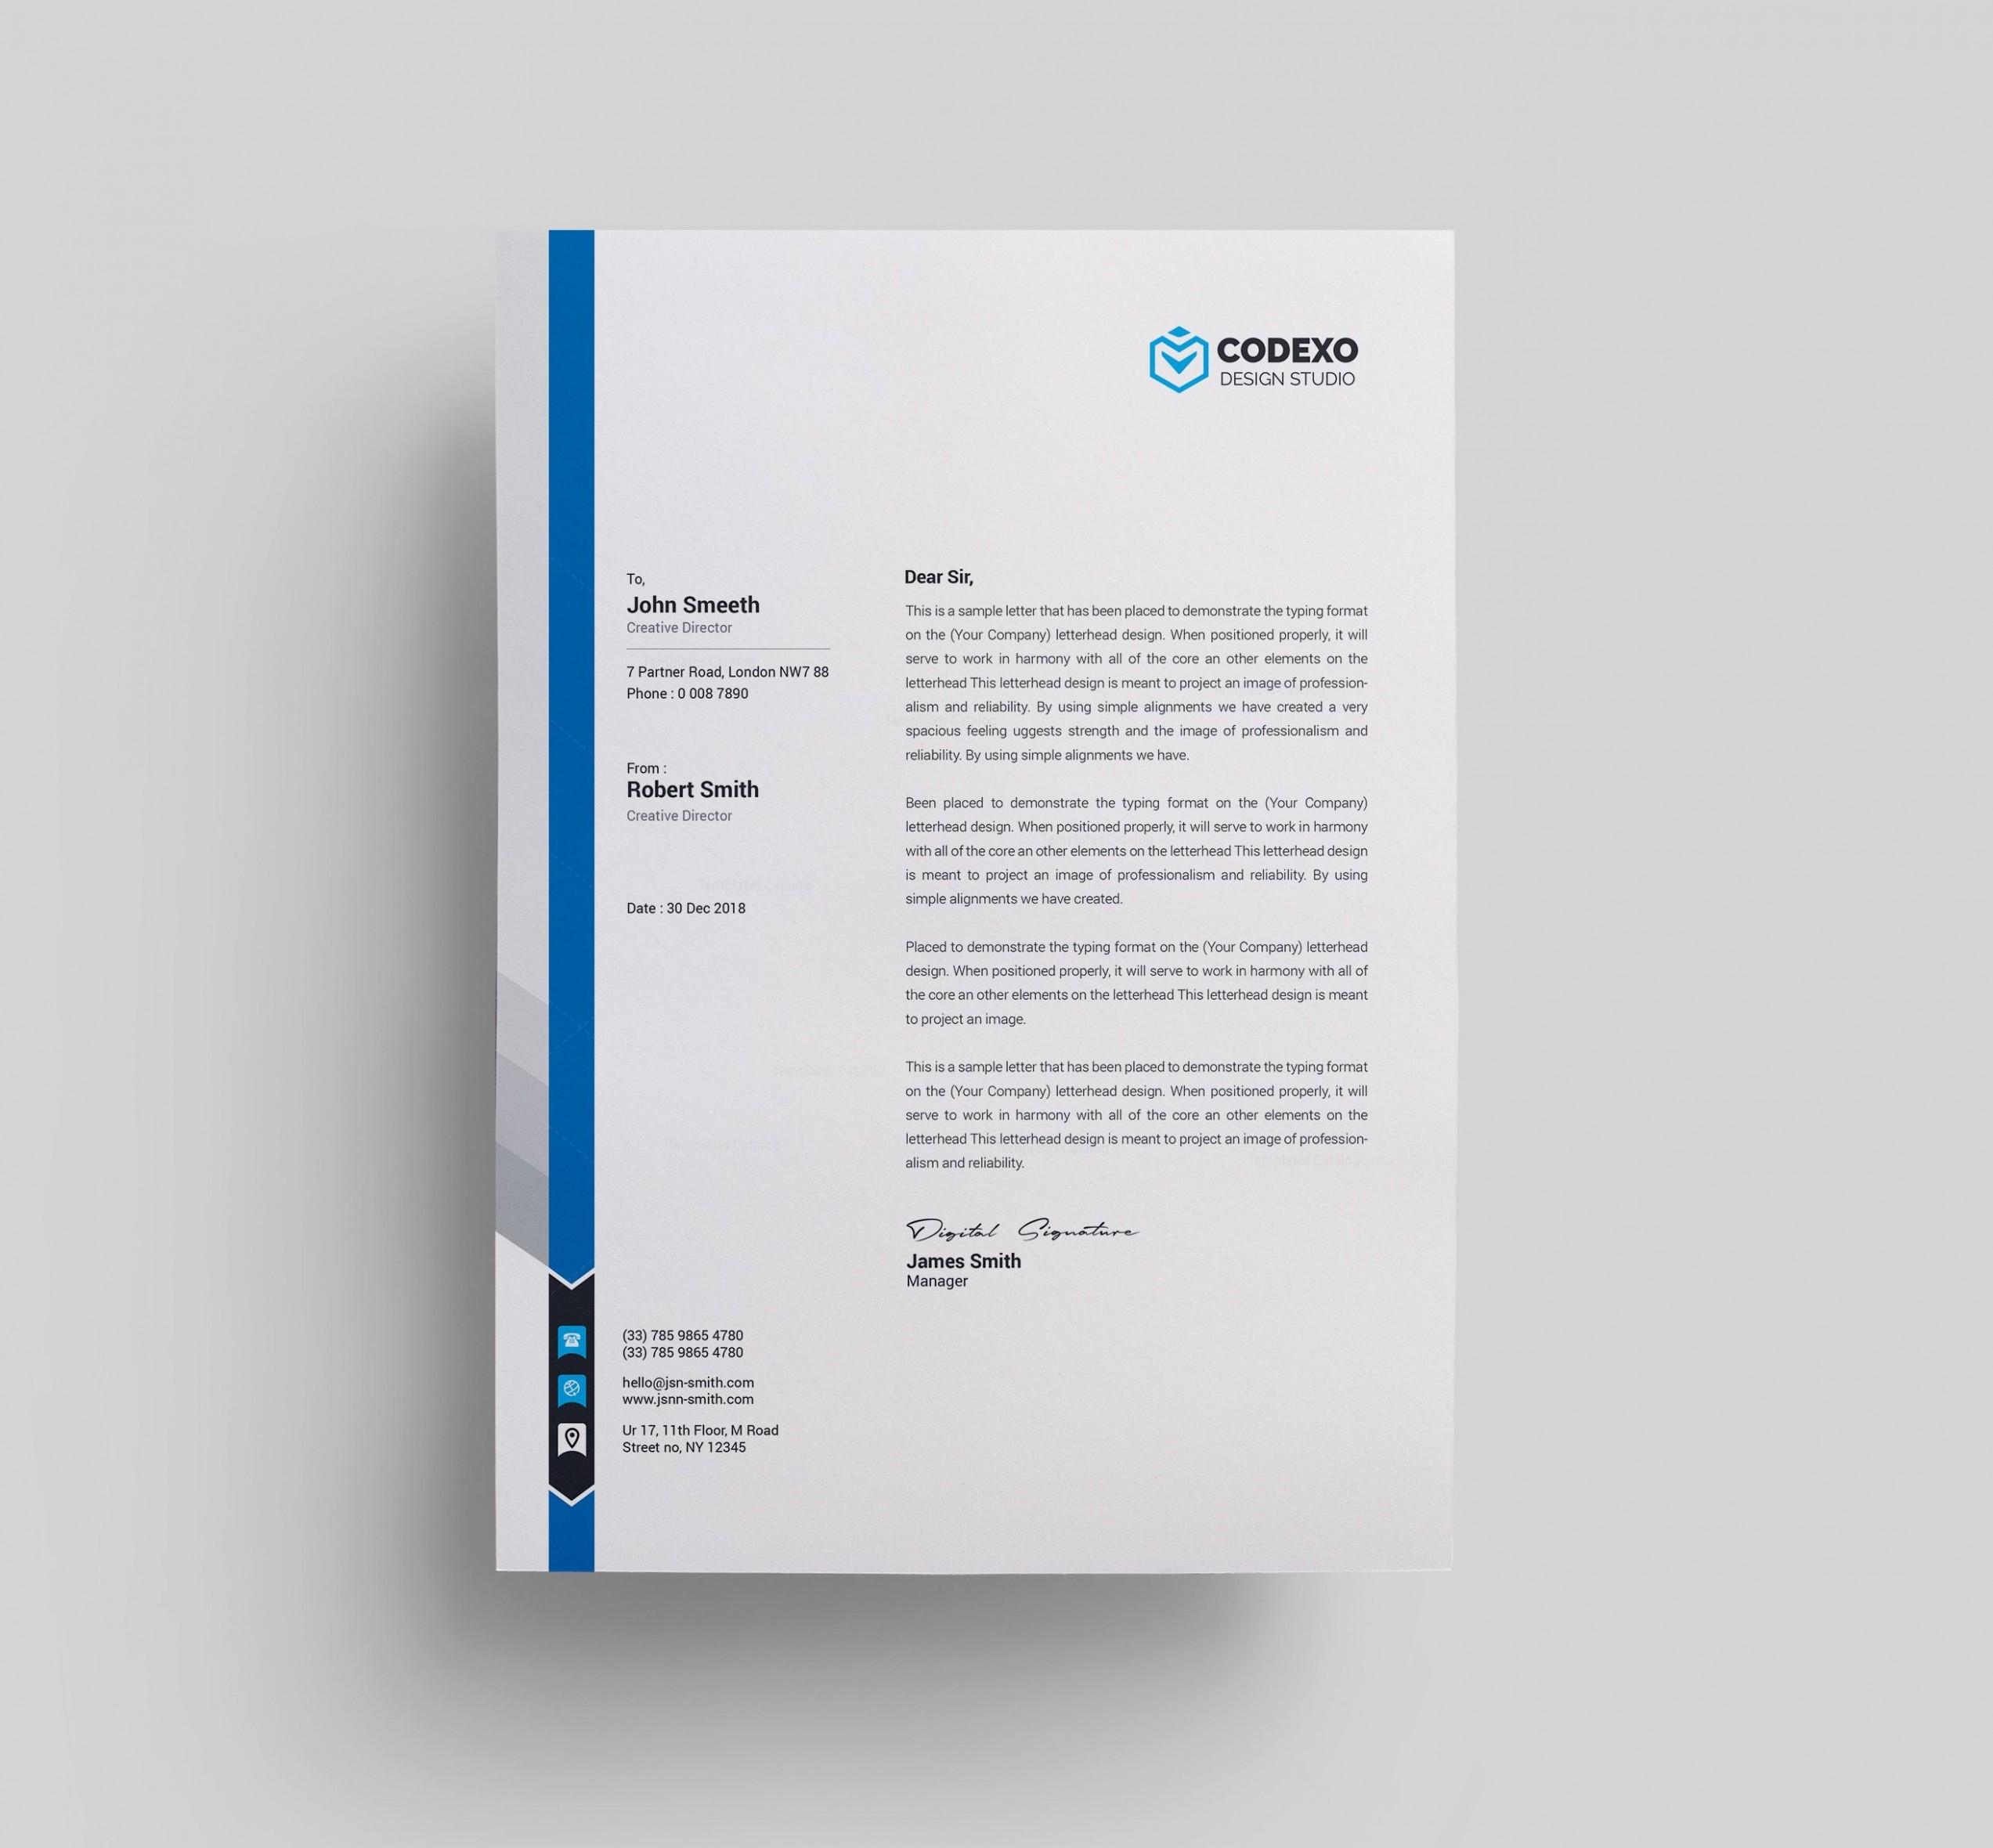 template design for letter  Letterhead Templates 000579 - Template Catalog - template design for letter